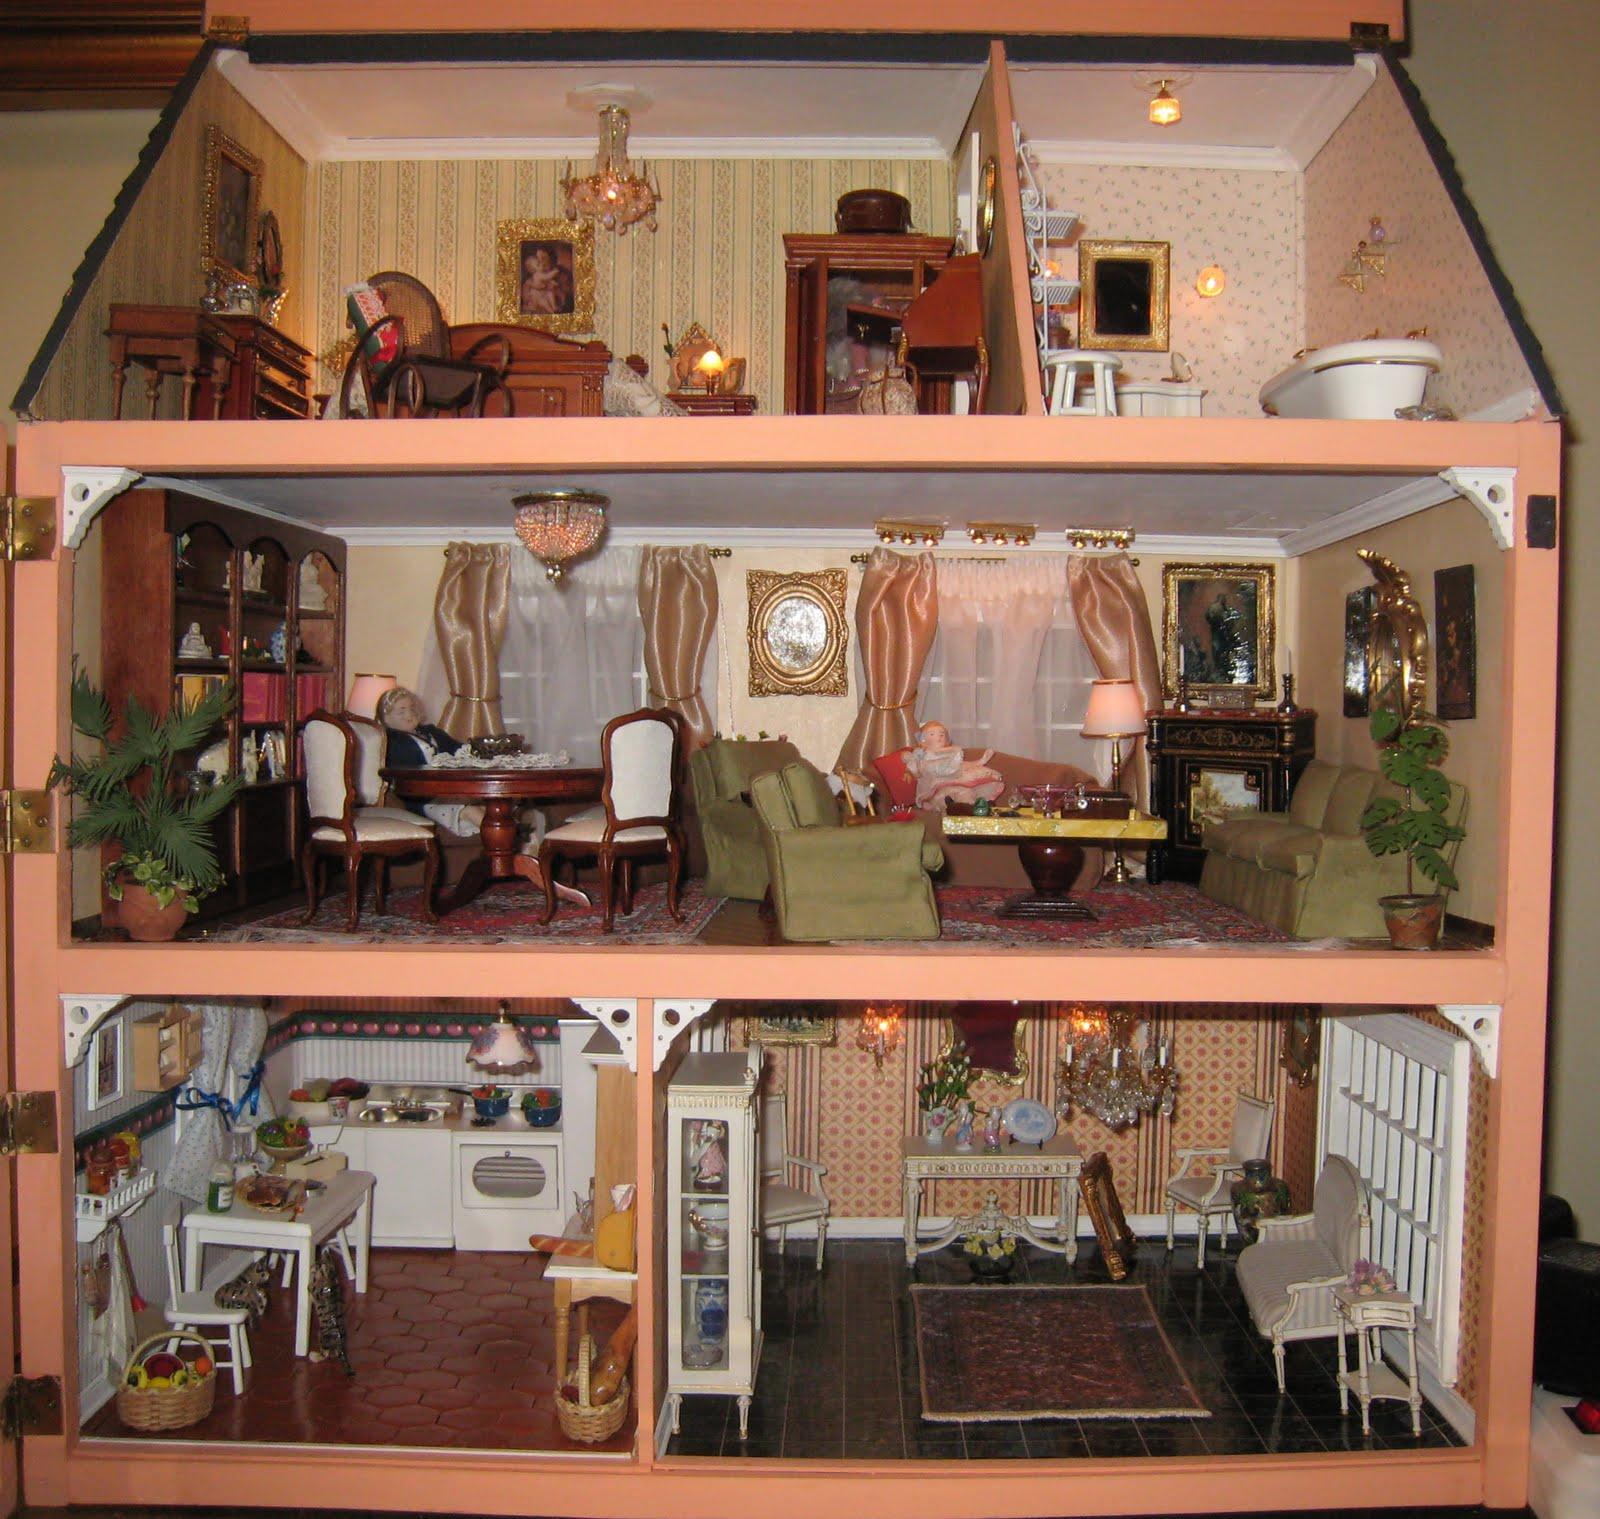 Hansel en baviera la casa de mu 209 ecas - Casa munecas eurekakids ...